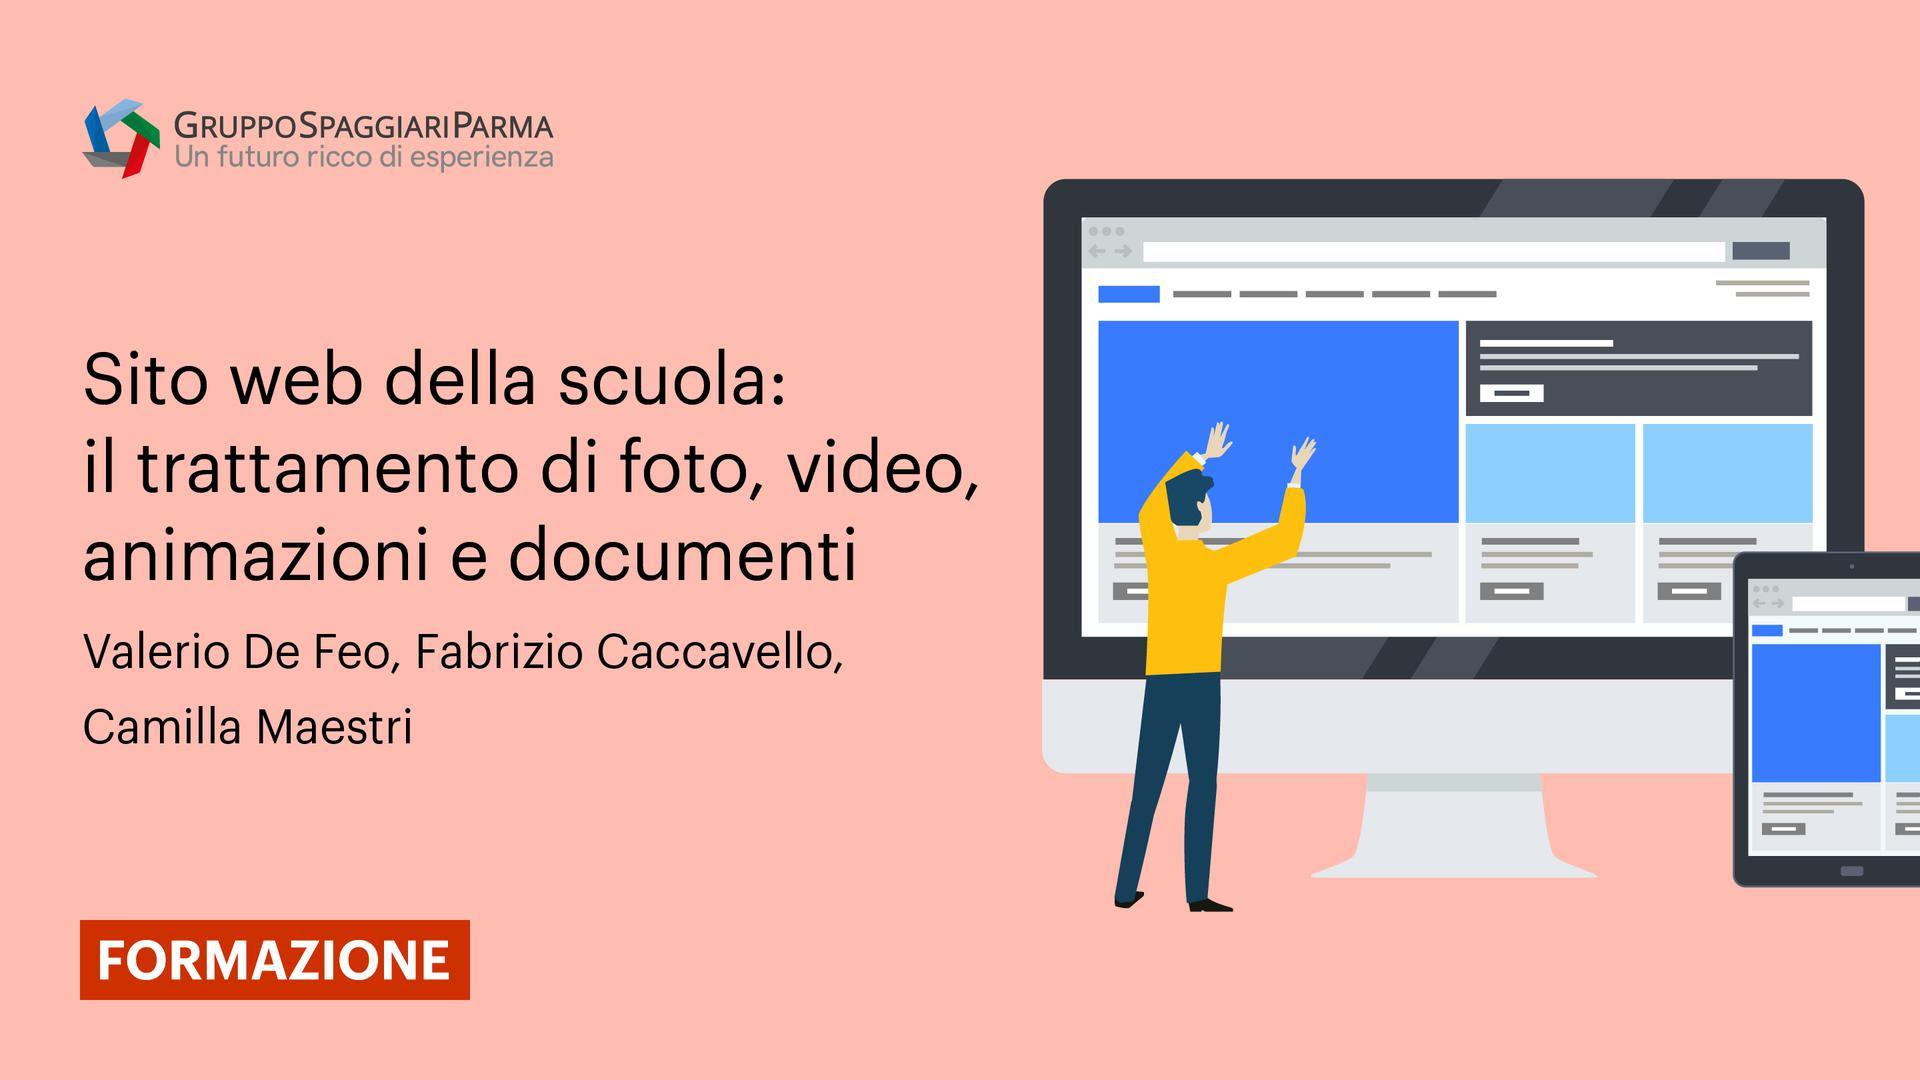 Sito web della scuola: il trattamento di foto, video, animazioni e documenti